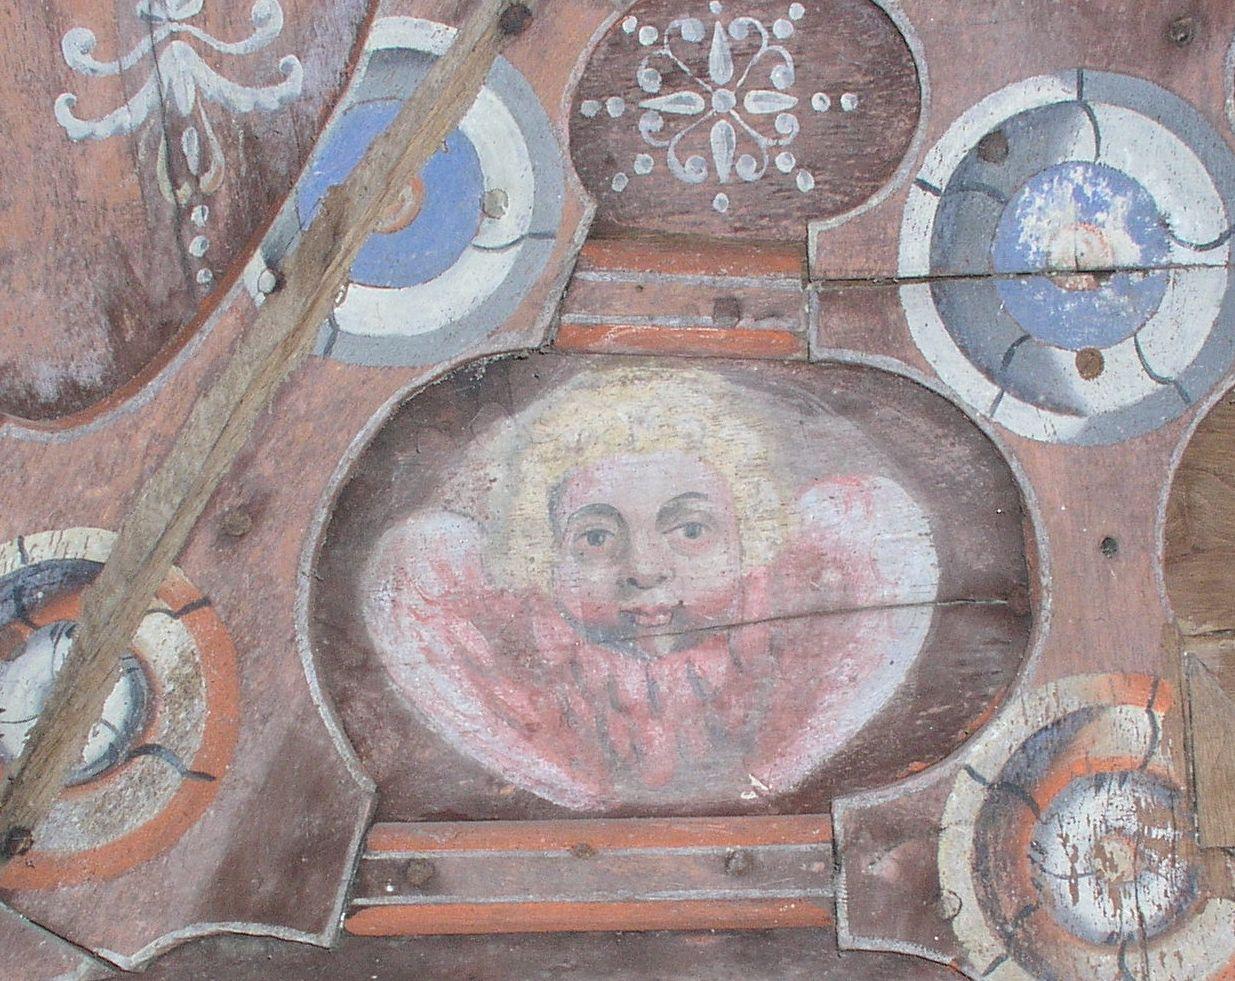 Médaillon du plafond de la chapelle de Sancenay à Oyé